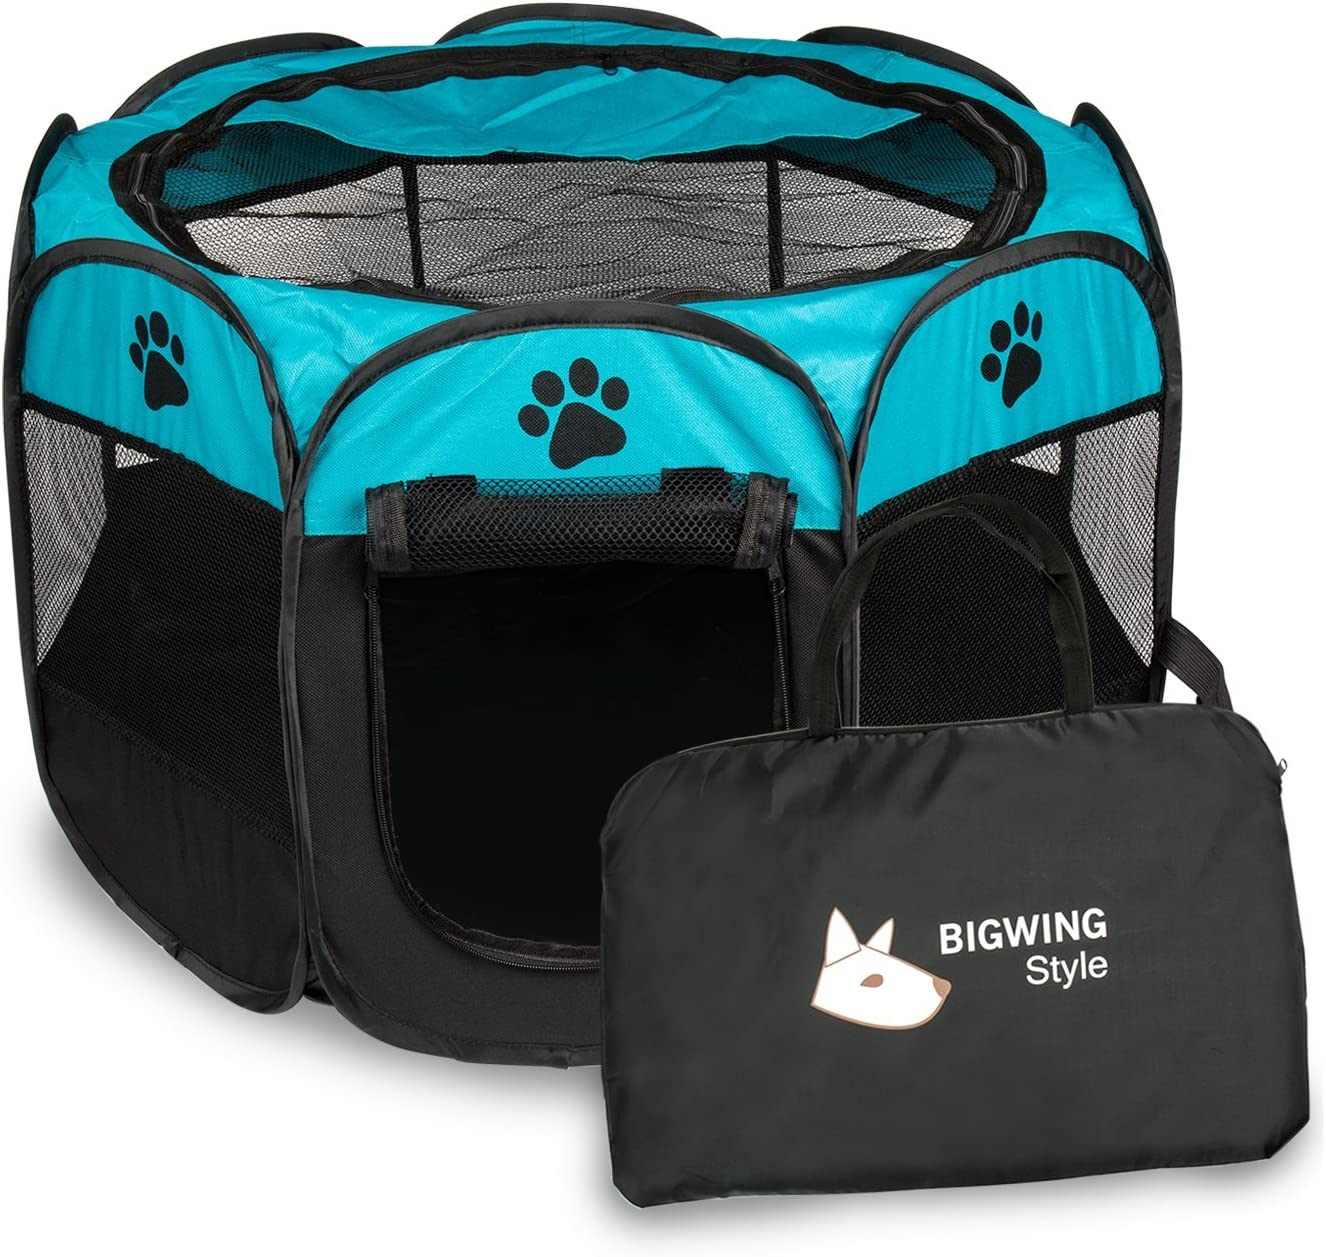 BIGWING Style Parque Mascota de Juego Entrenamiento Dormitorio Perro Gato Conejo Octágono Plegable Lavable Durable 73x 73x 43 CM, Negro y Azúl